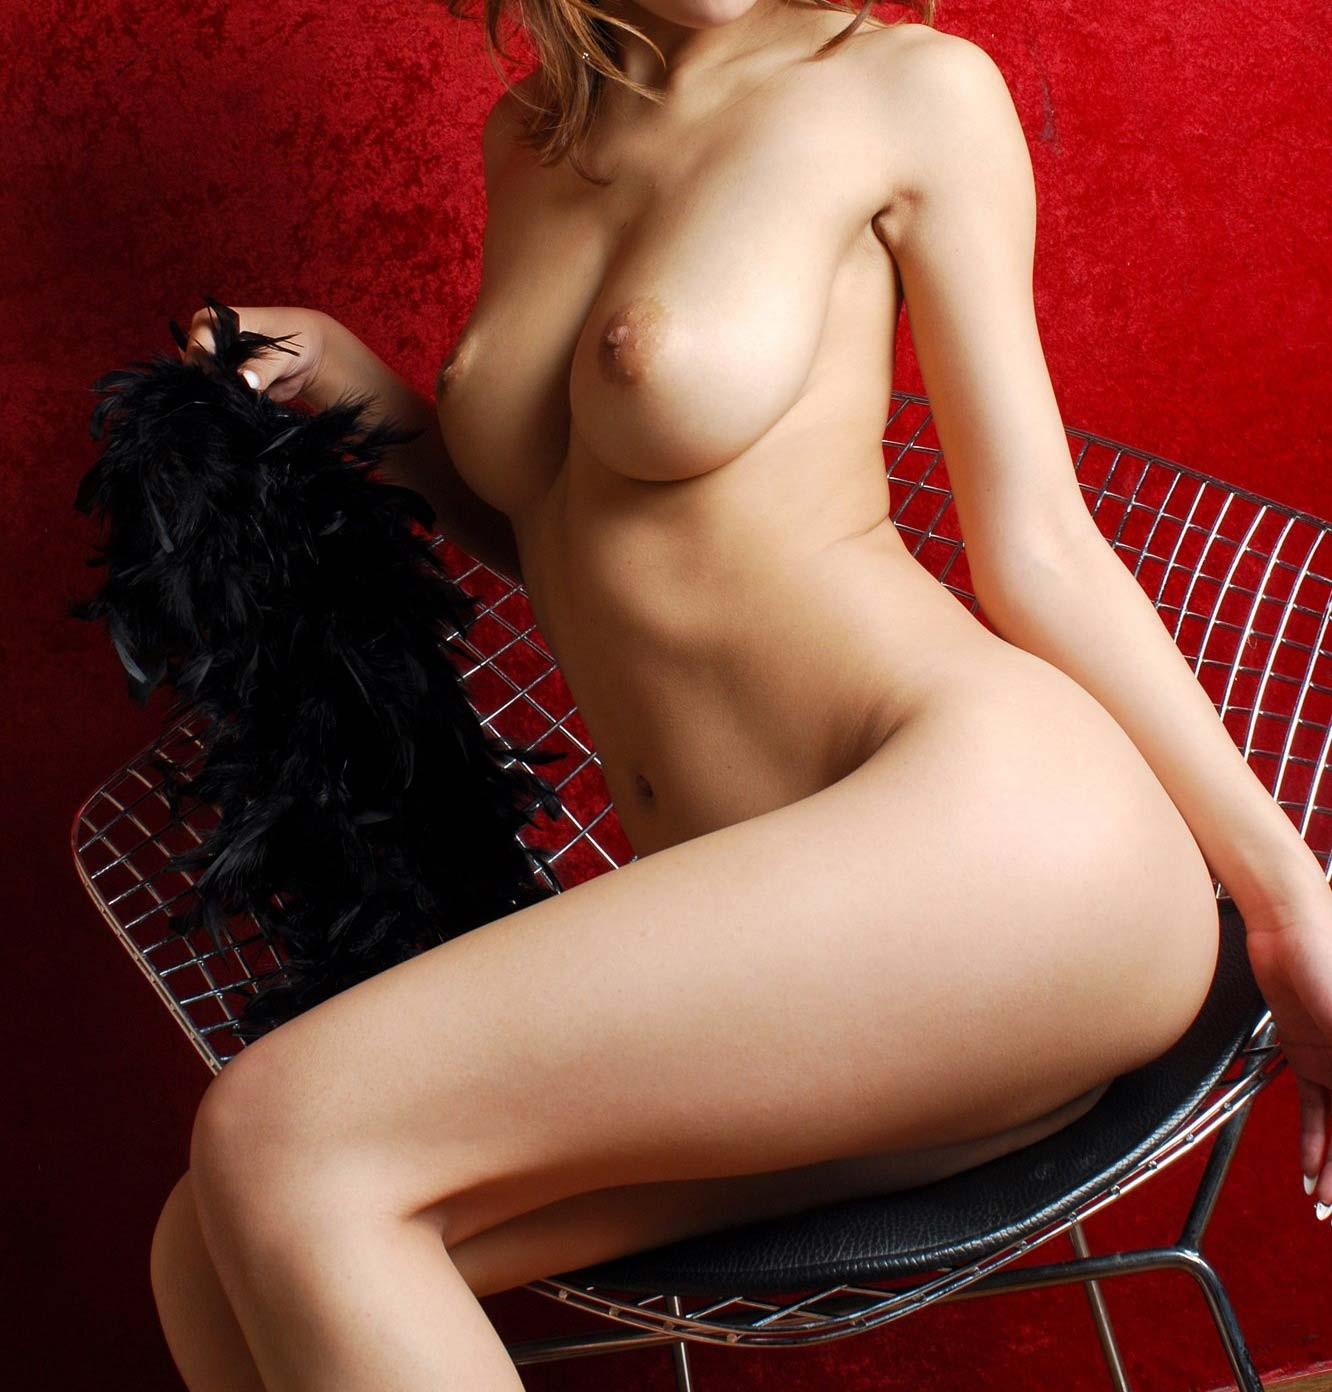 【ヌードエロ画像】電気消すのは却下w明るい場所でヤリまくりたい全裸美女たちwww 12